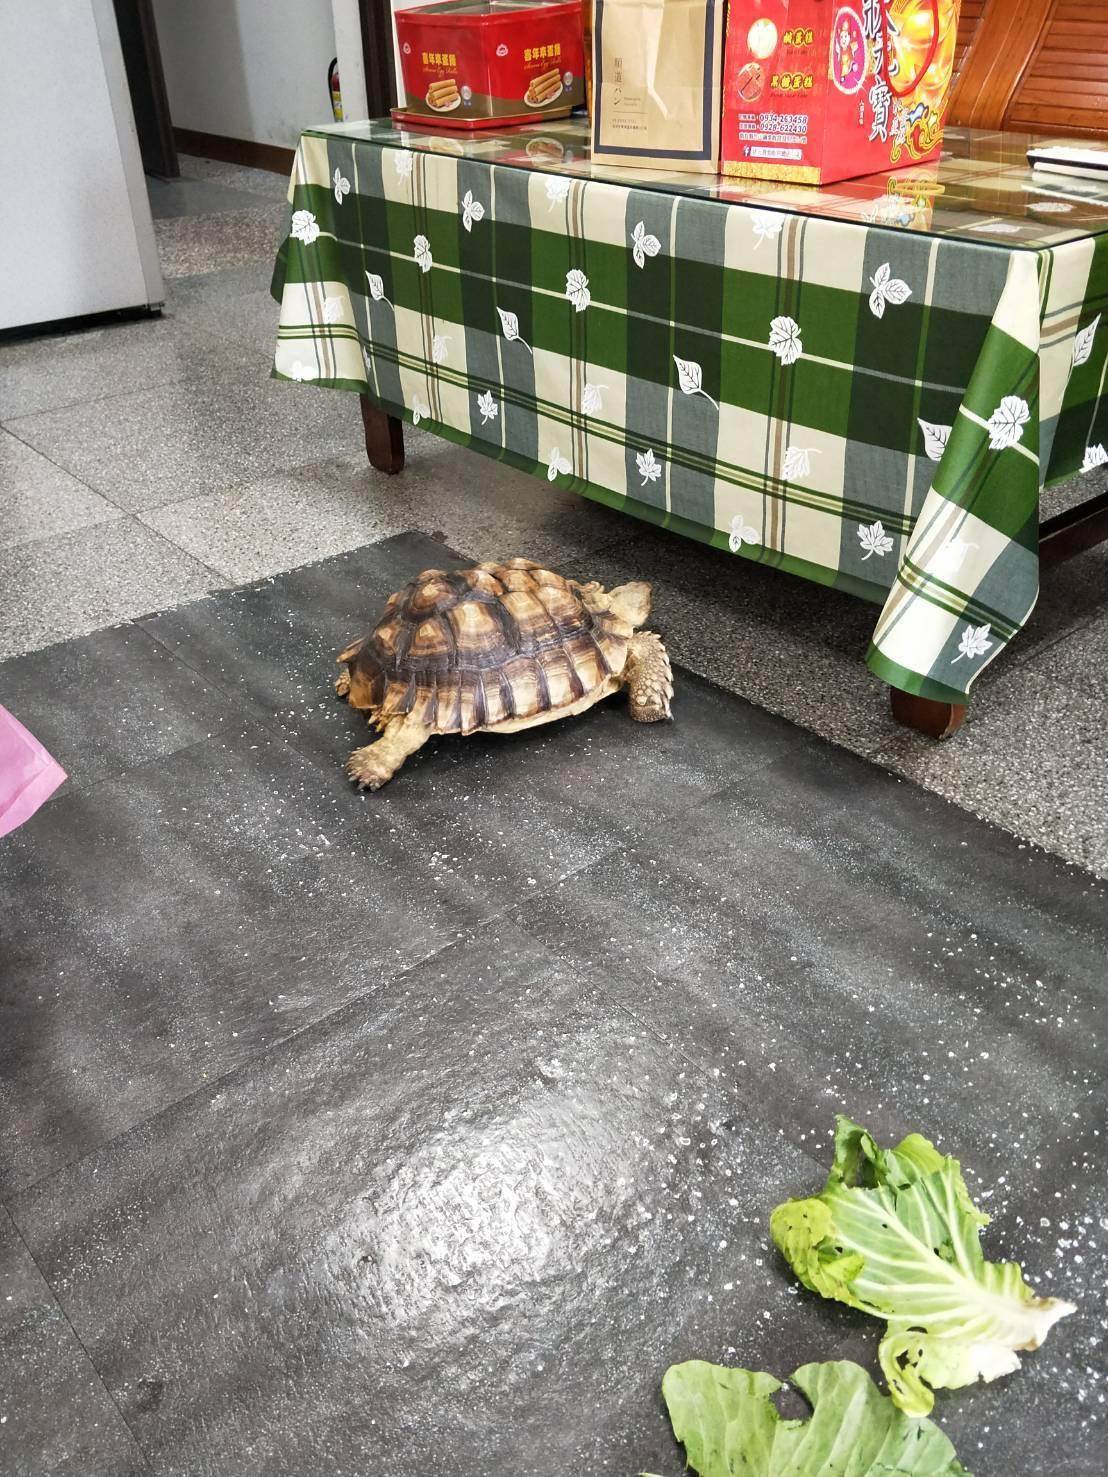 約一顆籃球大、重約4公斤的蘇卡達陸龜在派所內趴趴走,員警提供高麗菜葉、西瓜等水果...